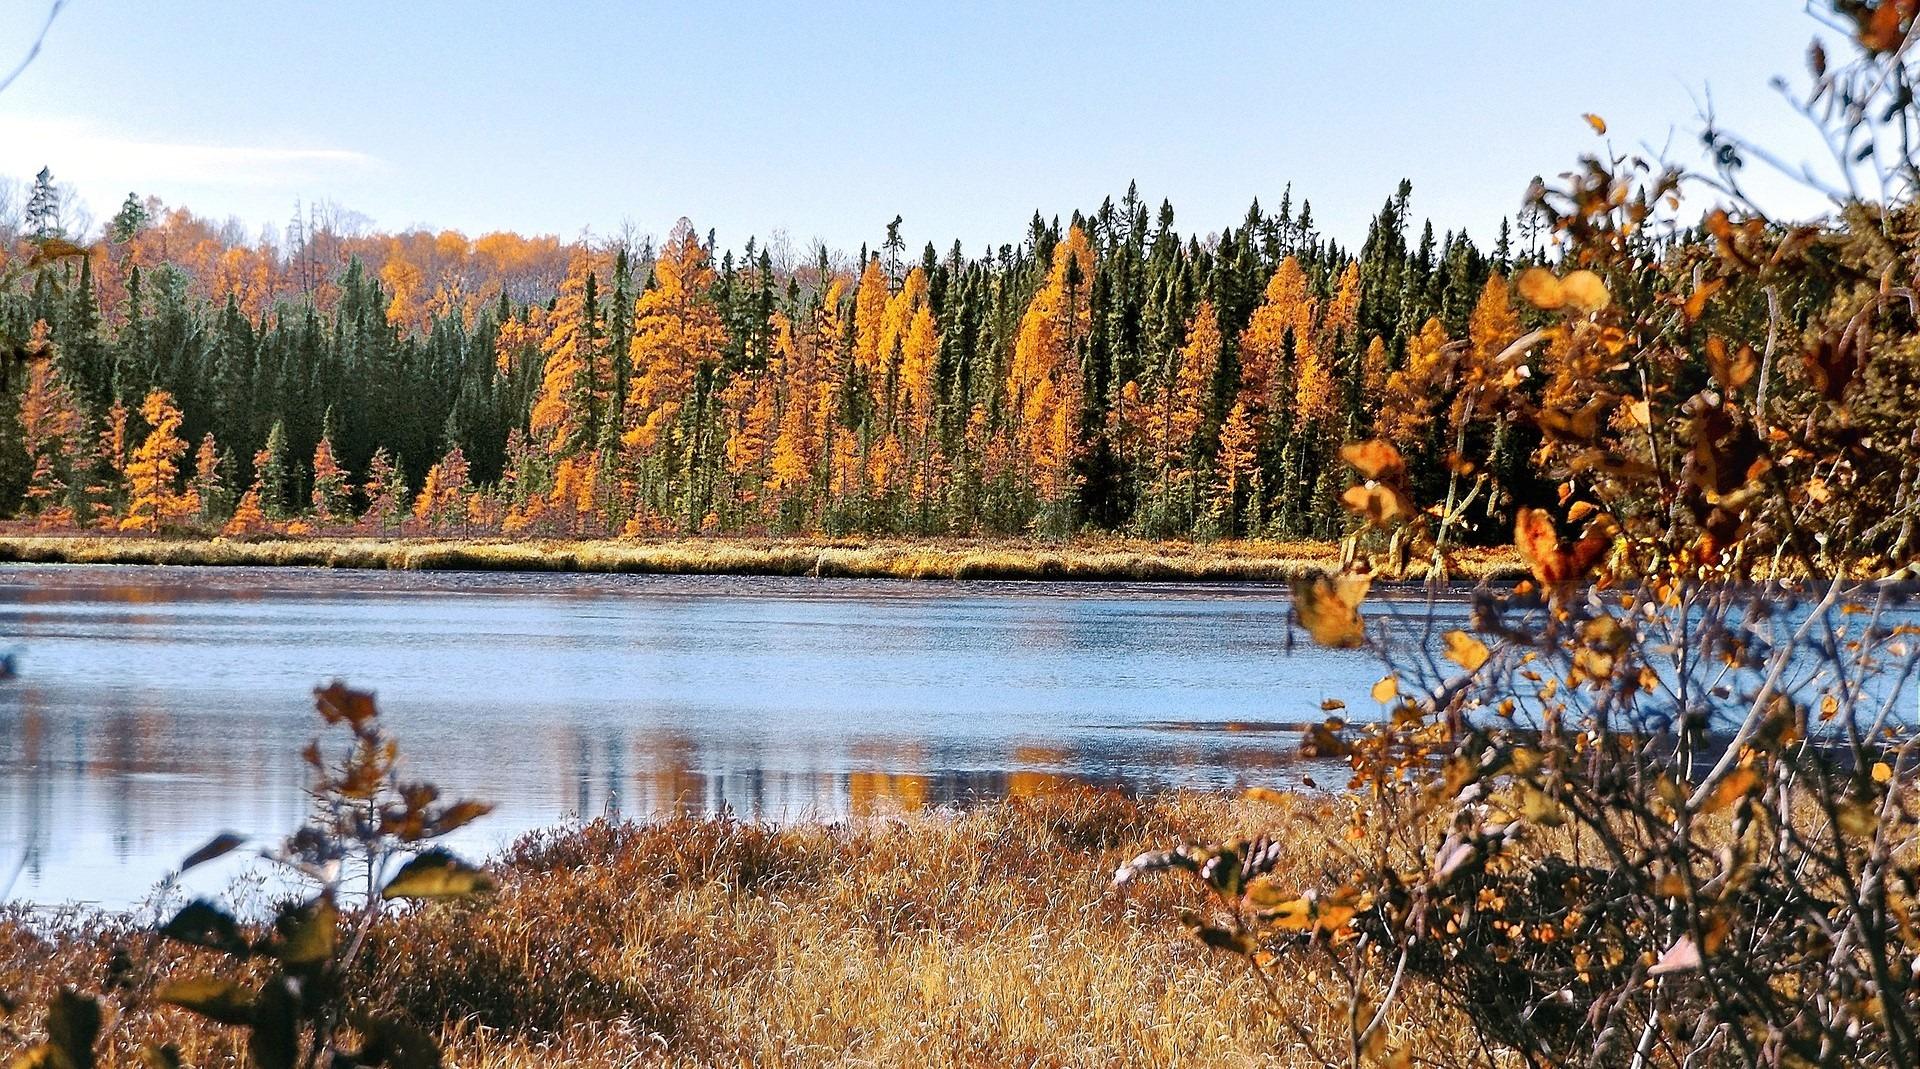 Autumn in Apple Valley, Minnesota - GoodwillCarDonation.org